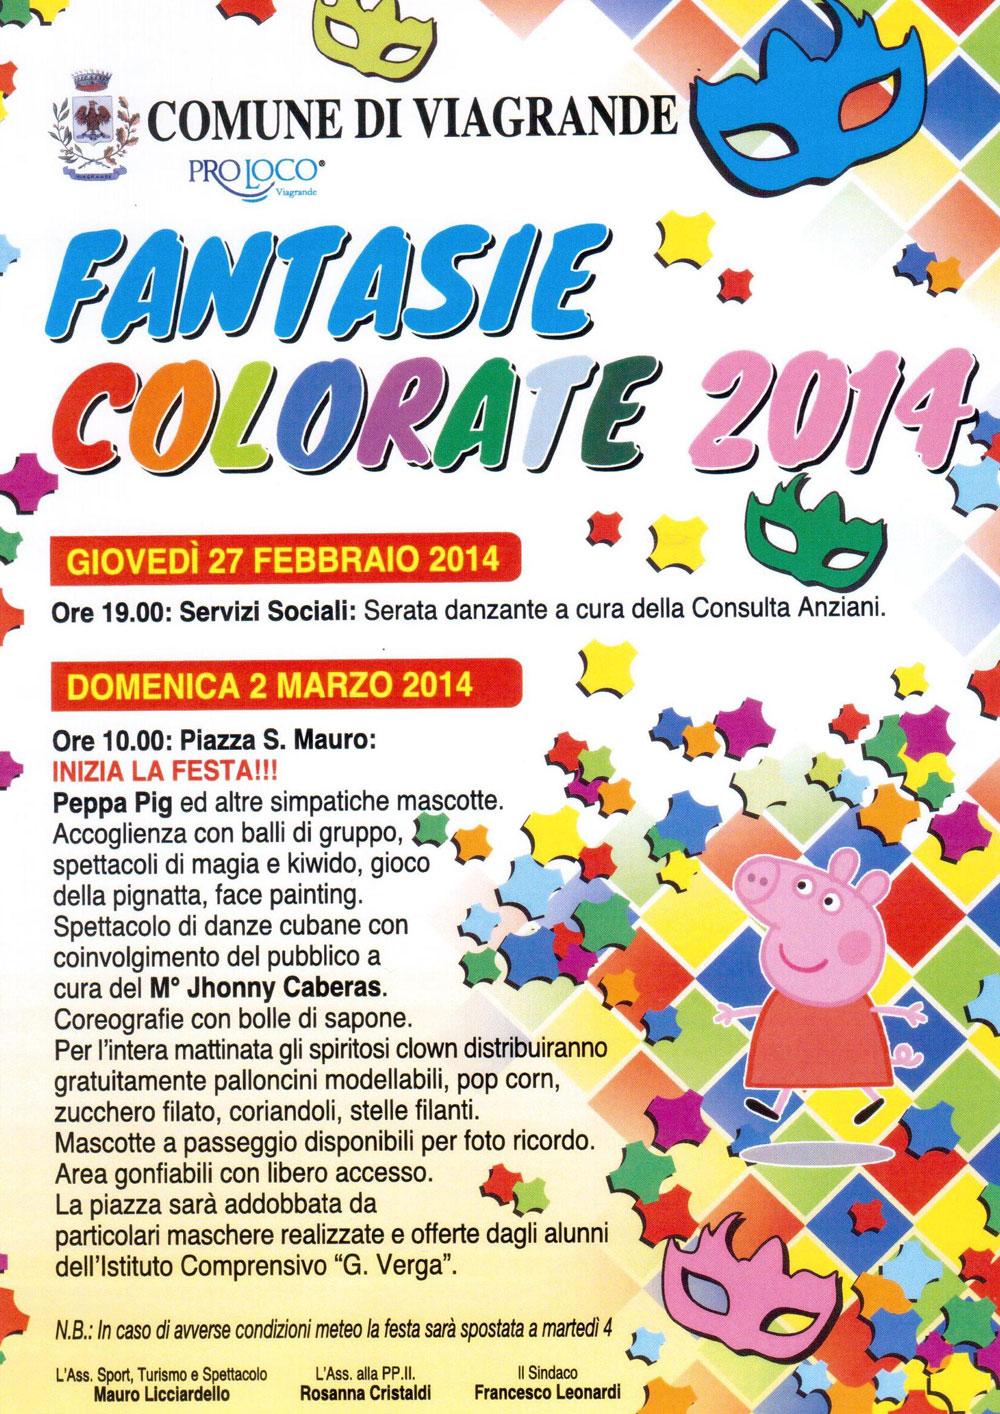 Fantasie Colorate 2014